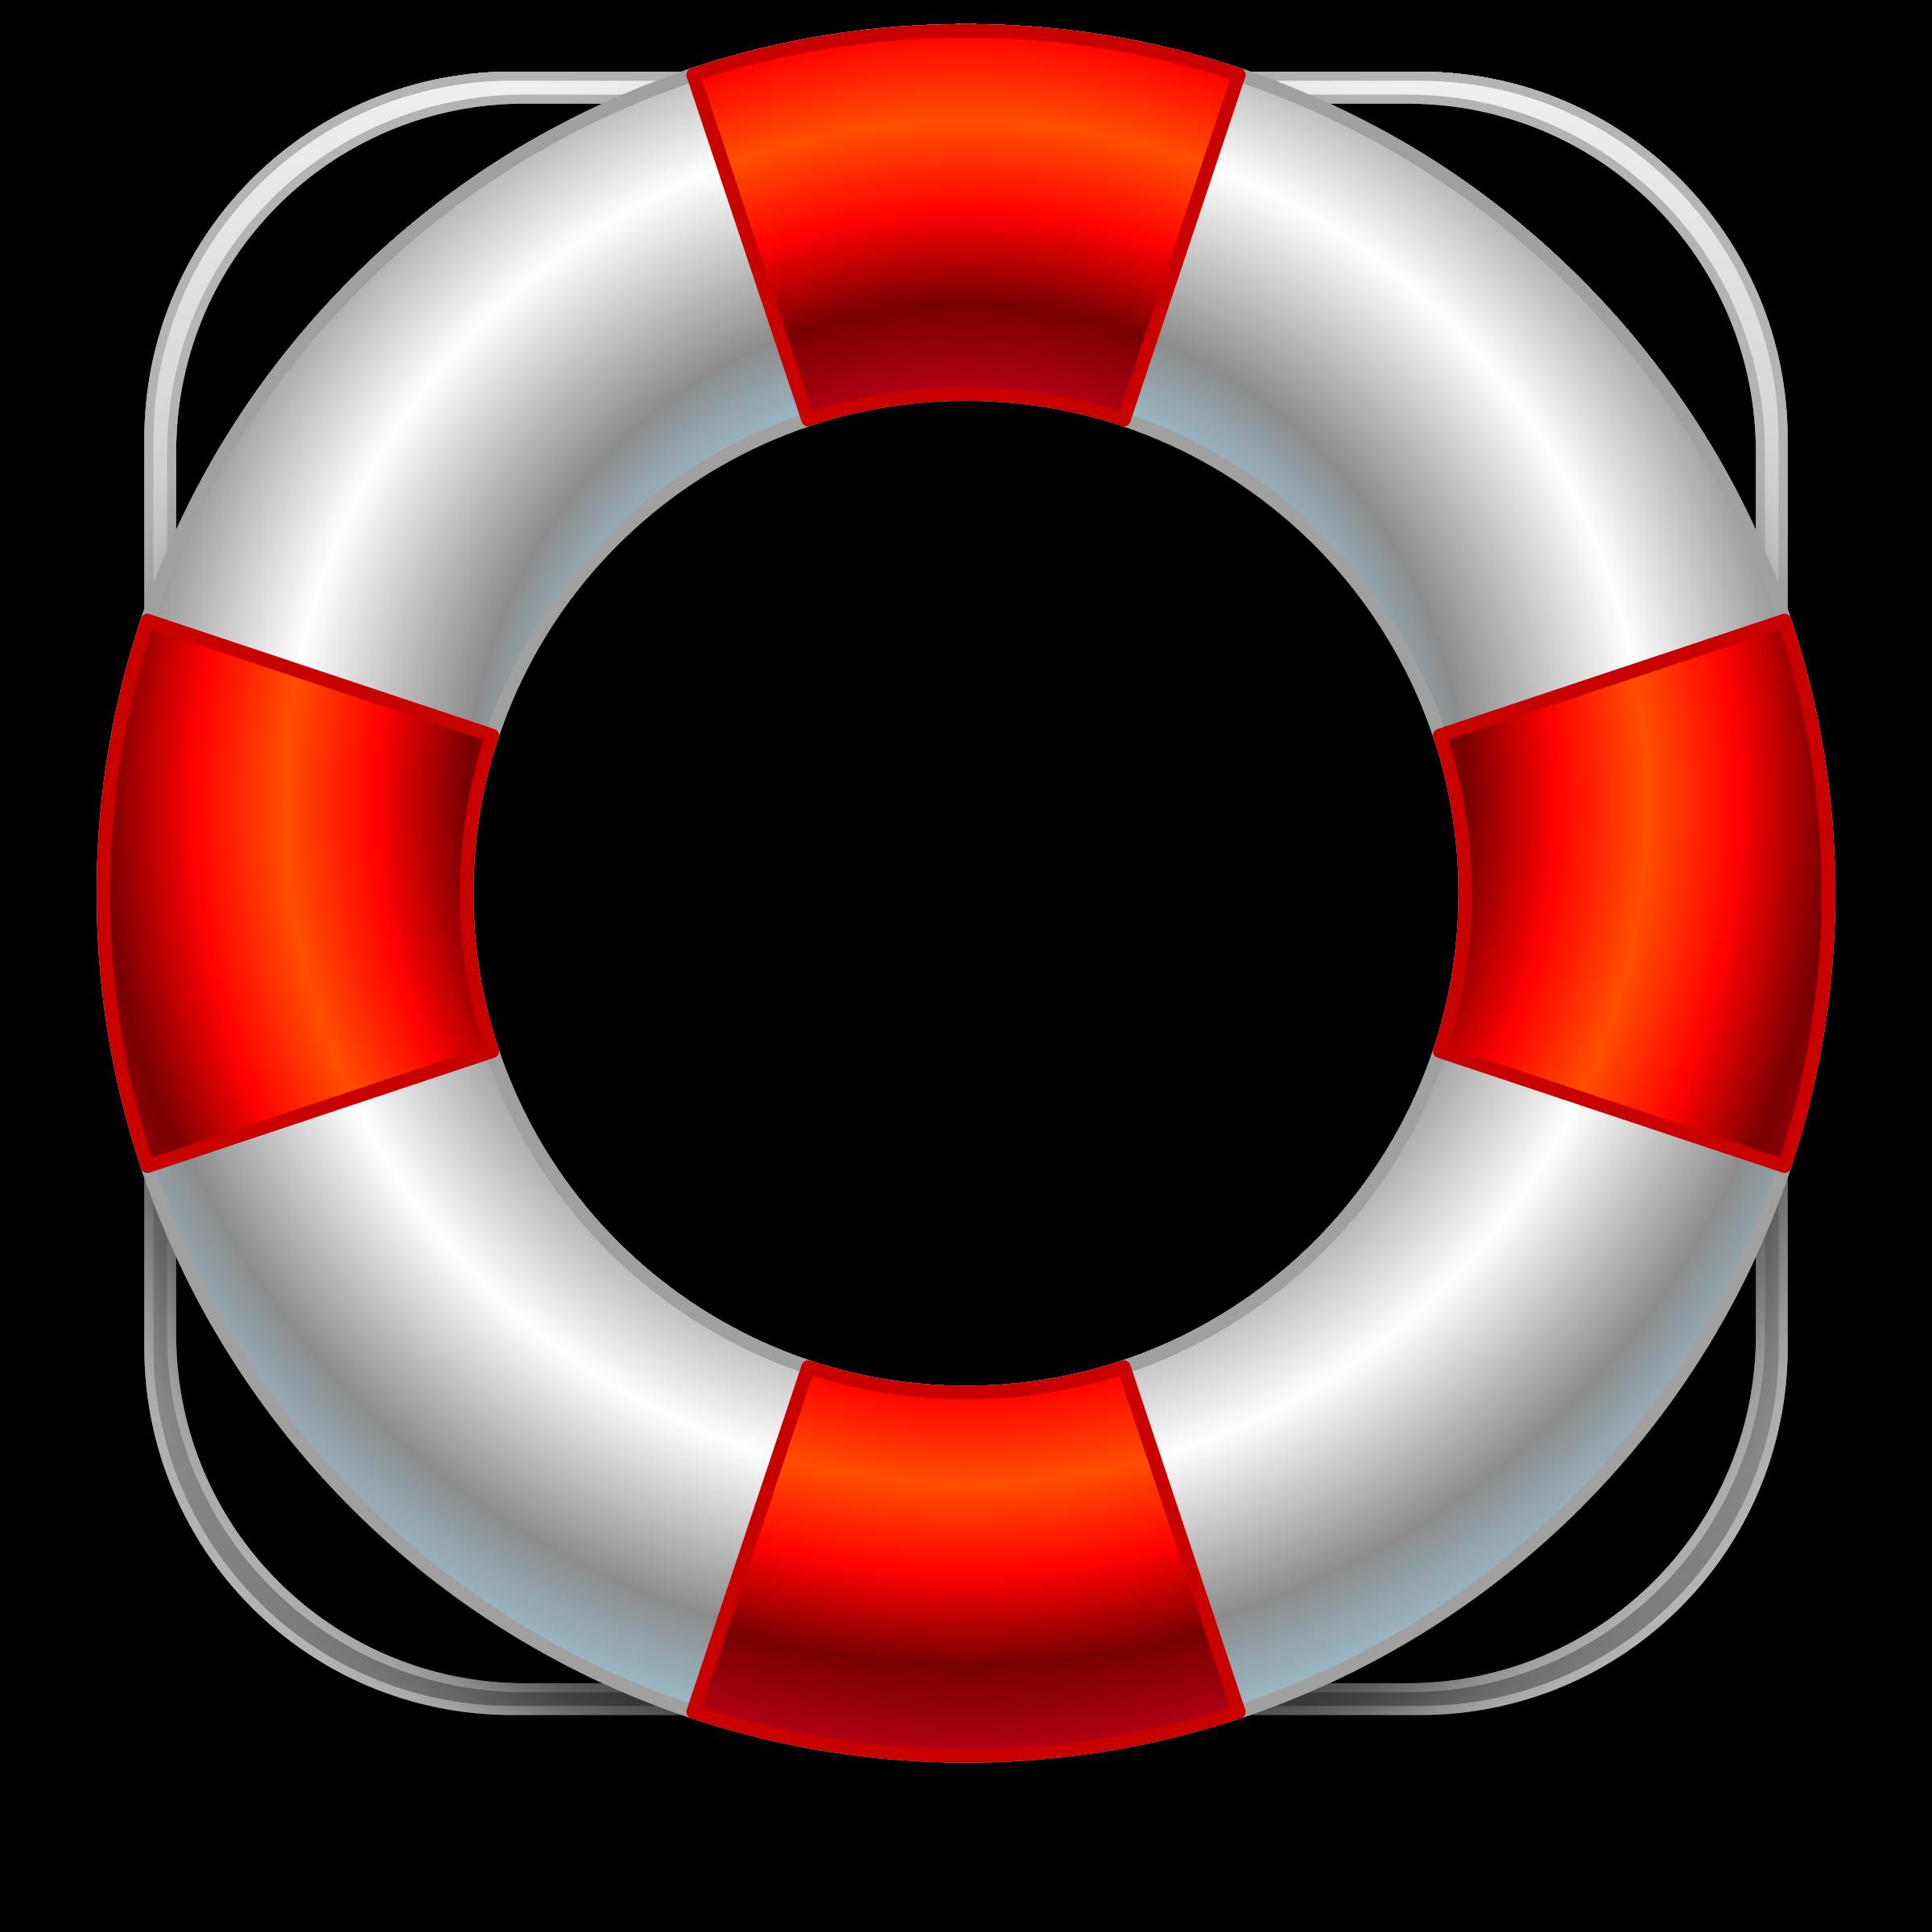 Clipart anchor life preserver. Saver clip art of